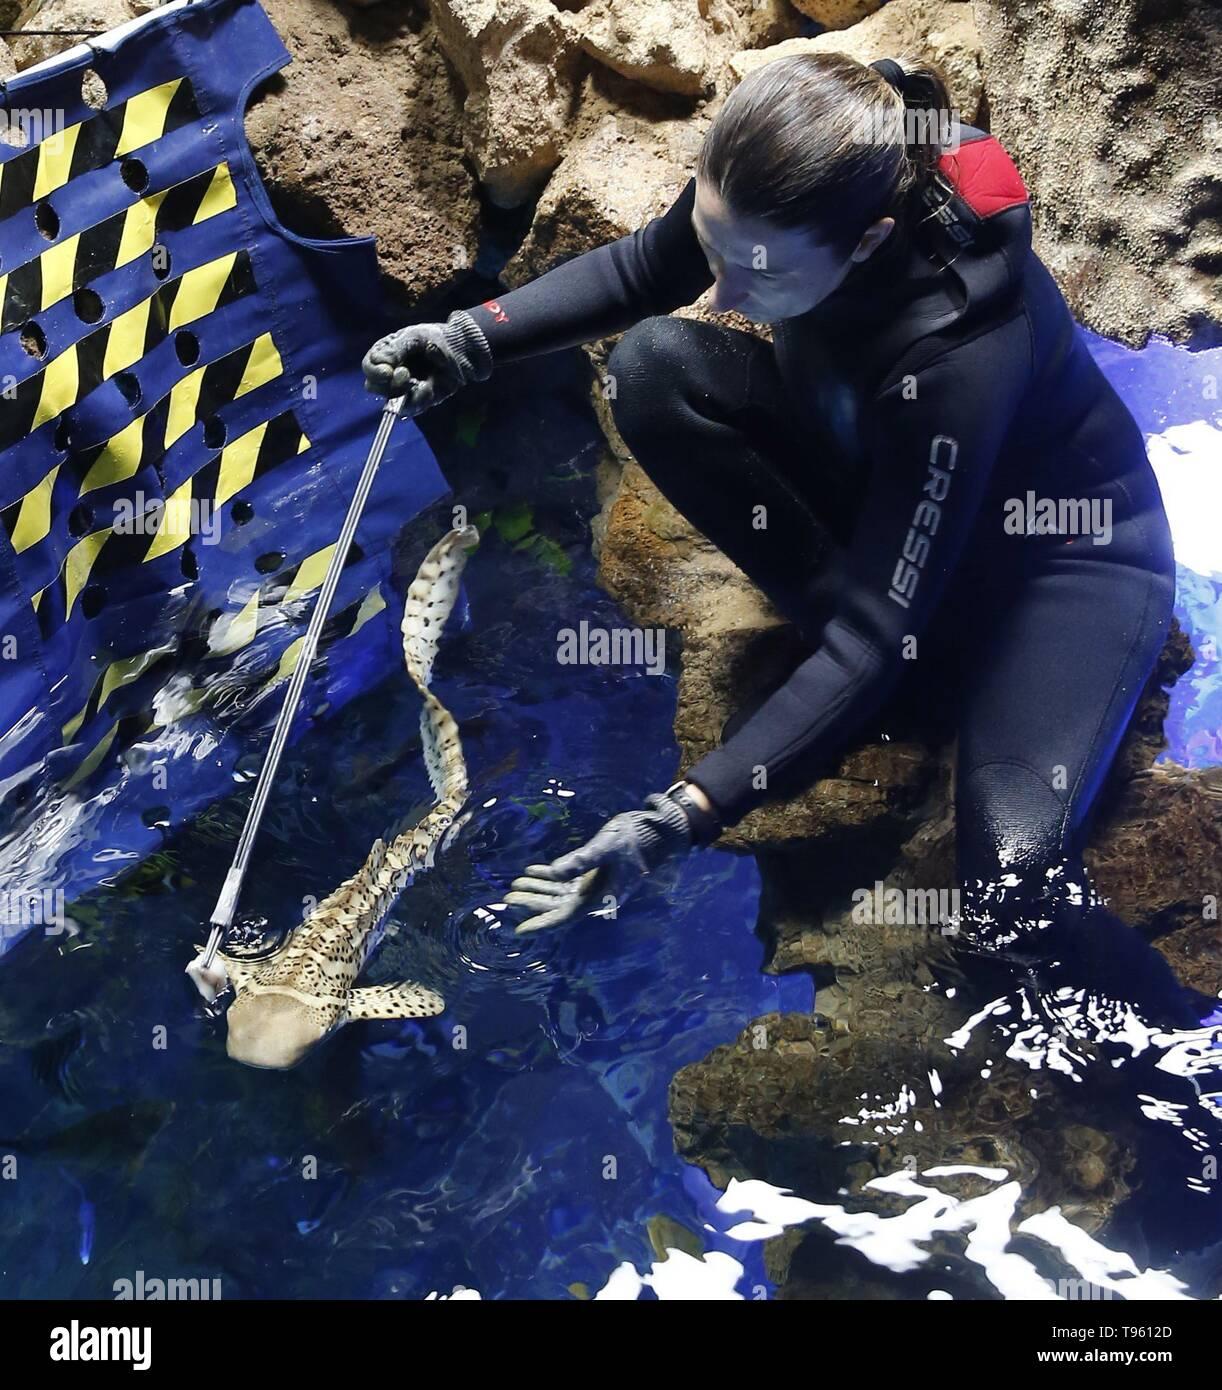 Un dipendente alimenta una zebra shark nel poema del Mar acquario, in Las Palmas de Gran Canaria Isole Canarie Spagna, 17 maggio 2019. Famara e Mino, due dei soli tre squali zebra allevati in cattività in Spagna, stanno cominciando a socializzare con altri animali acquatici per la prima volta durante la sua formazione per raggiungere un punto specifico al fine di ricevere cure veterinarie. Questo singolare gara di squalo è originariamente dal Pacifico e l'Oceano Indiano e il suo più attributo univoco è la totale mancanza di denti, mentre la femmina può razza senza dover essere fecondate da un maschio, ma piuttosto da parthenog Immagini Stock